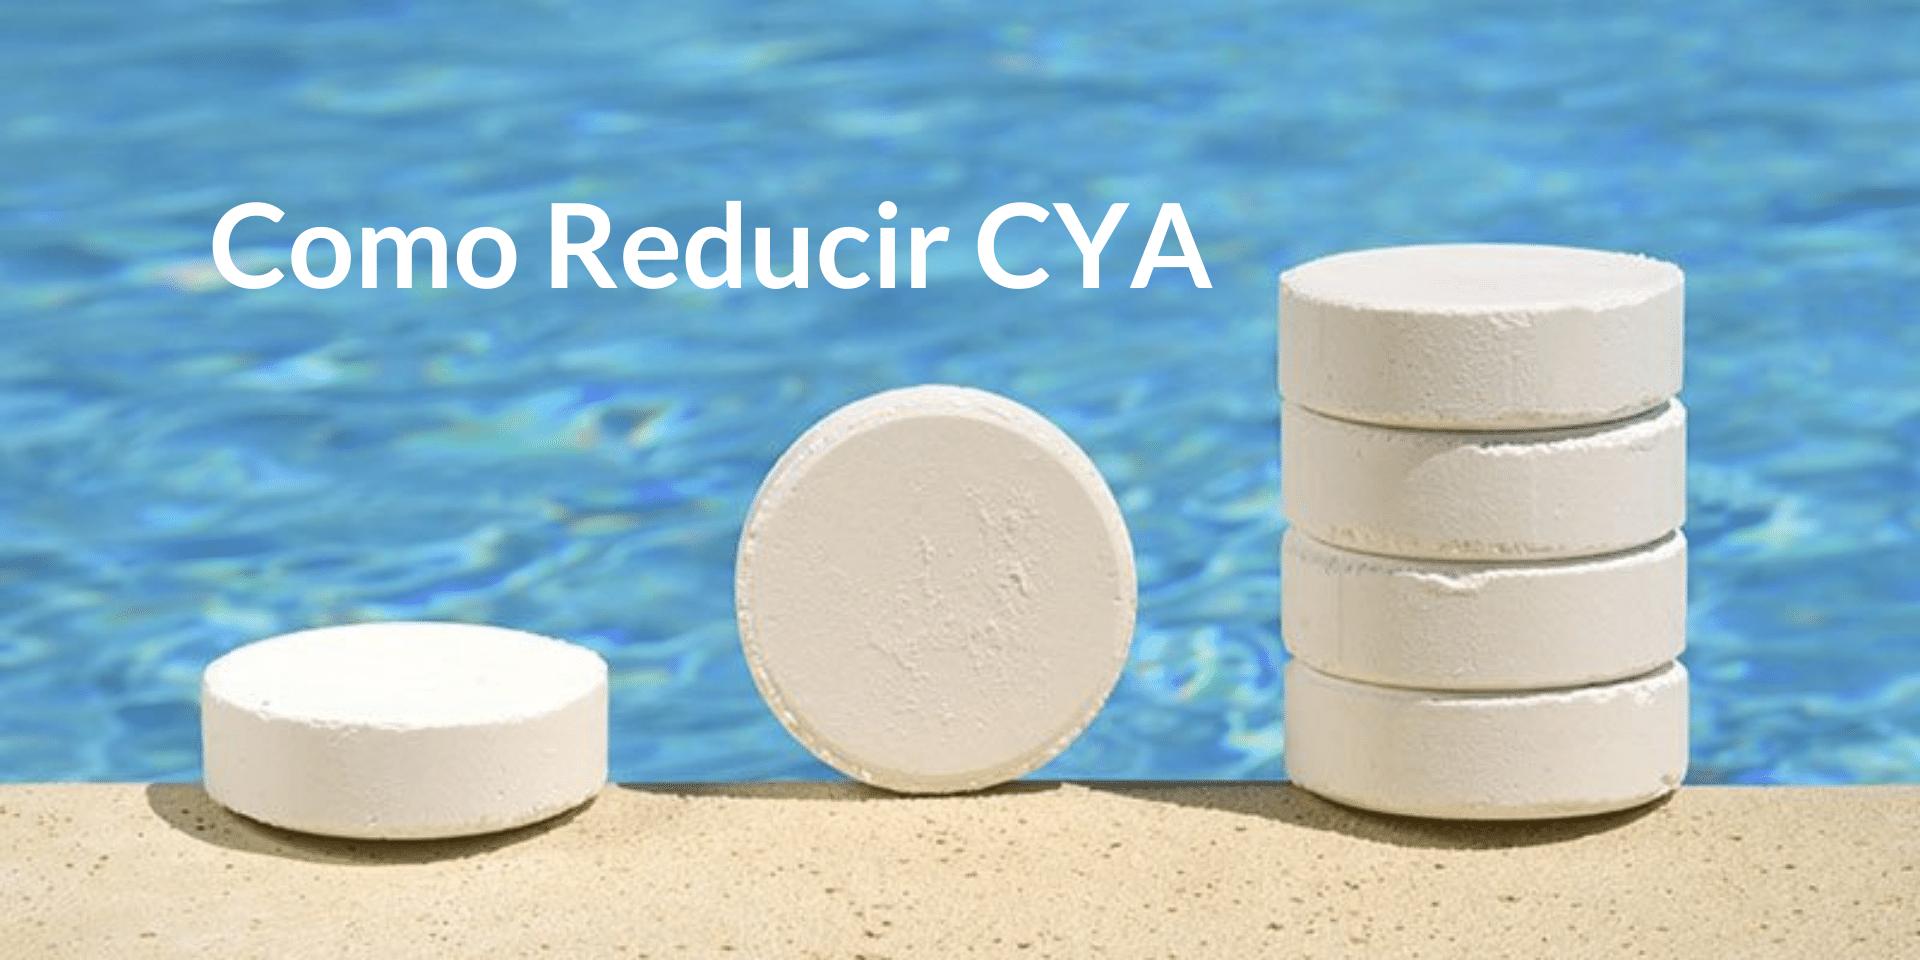 Como Reducir CYA